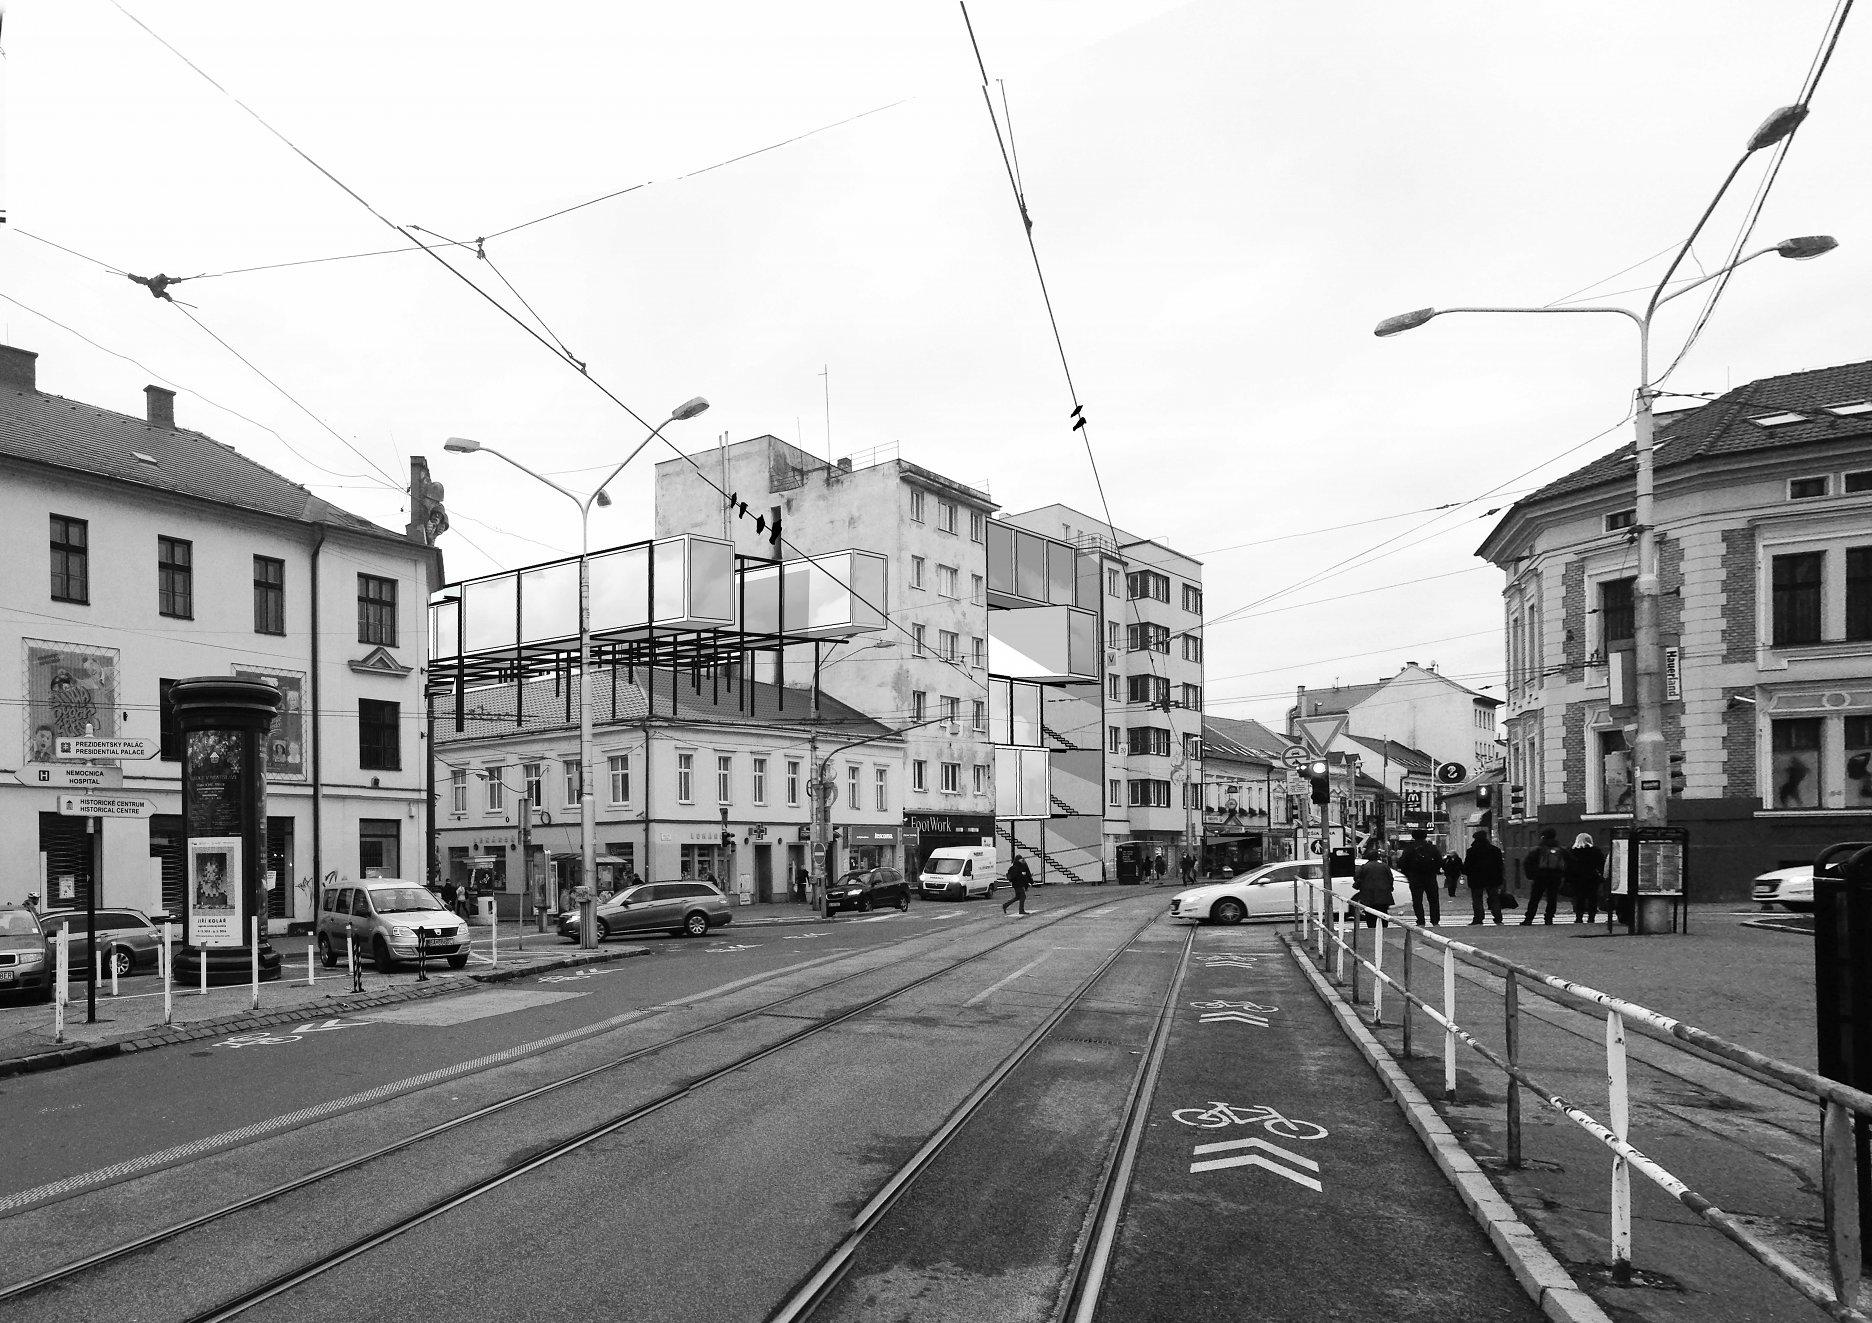 e2ca58503 Študentská súťaž o najlepší urbanistický projekt - výsledky ...